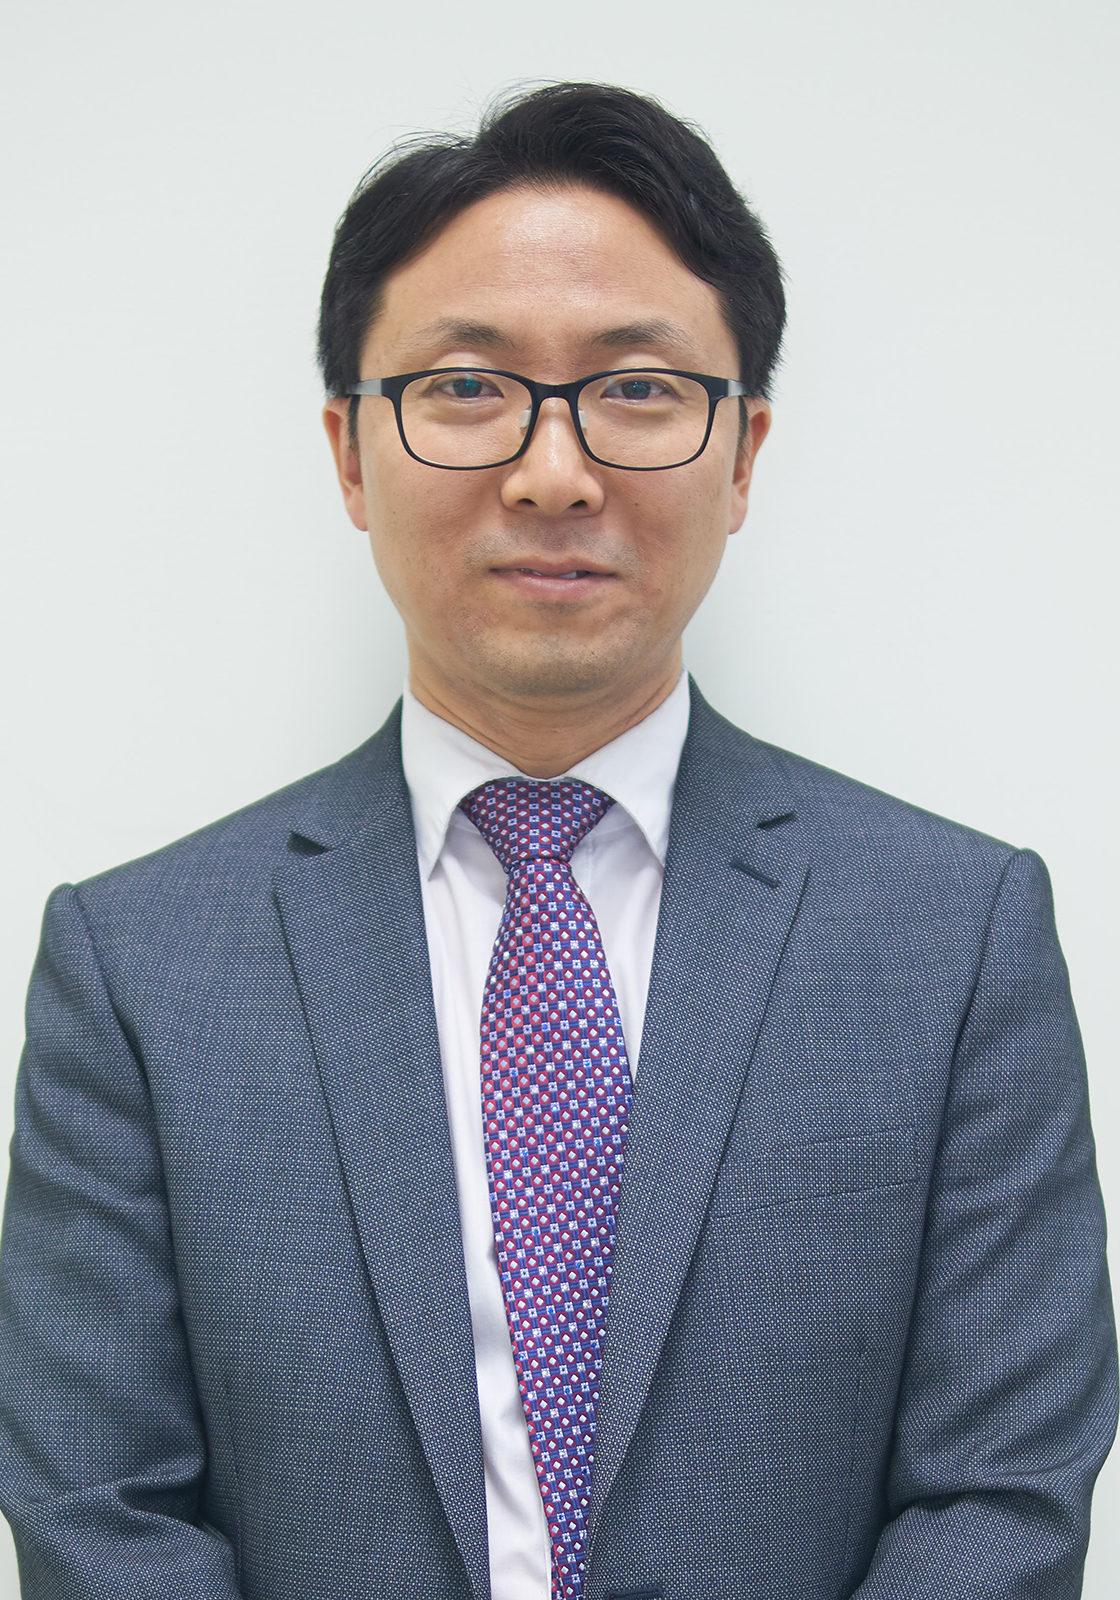 Sungsoo